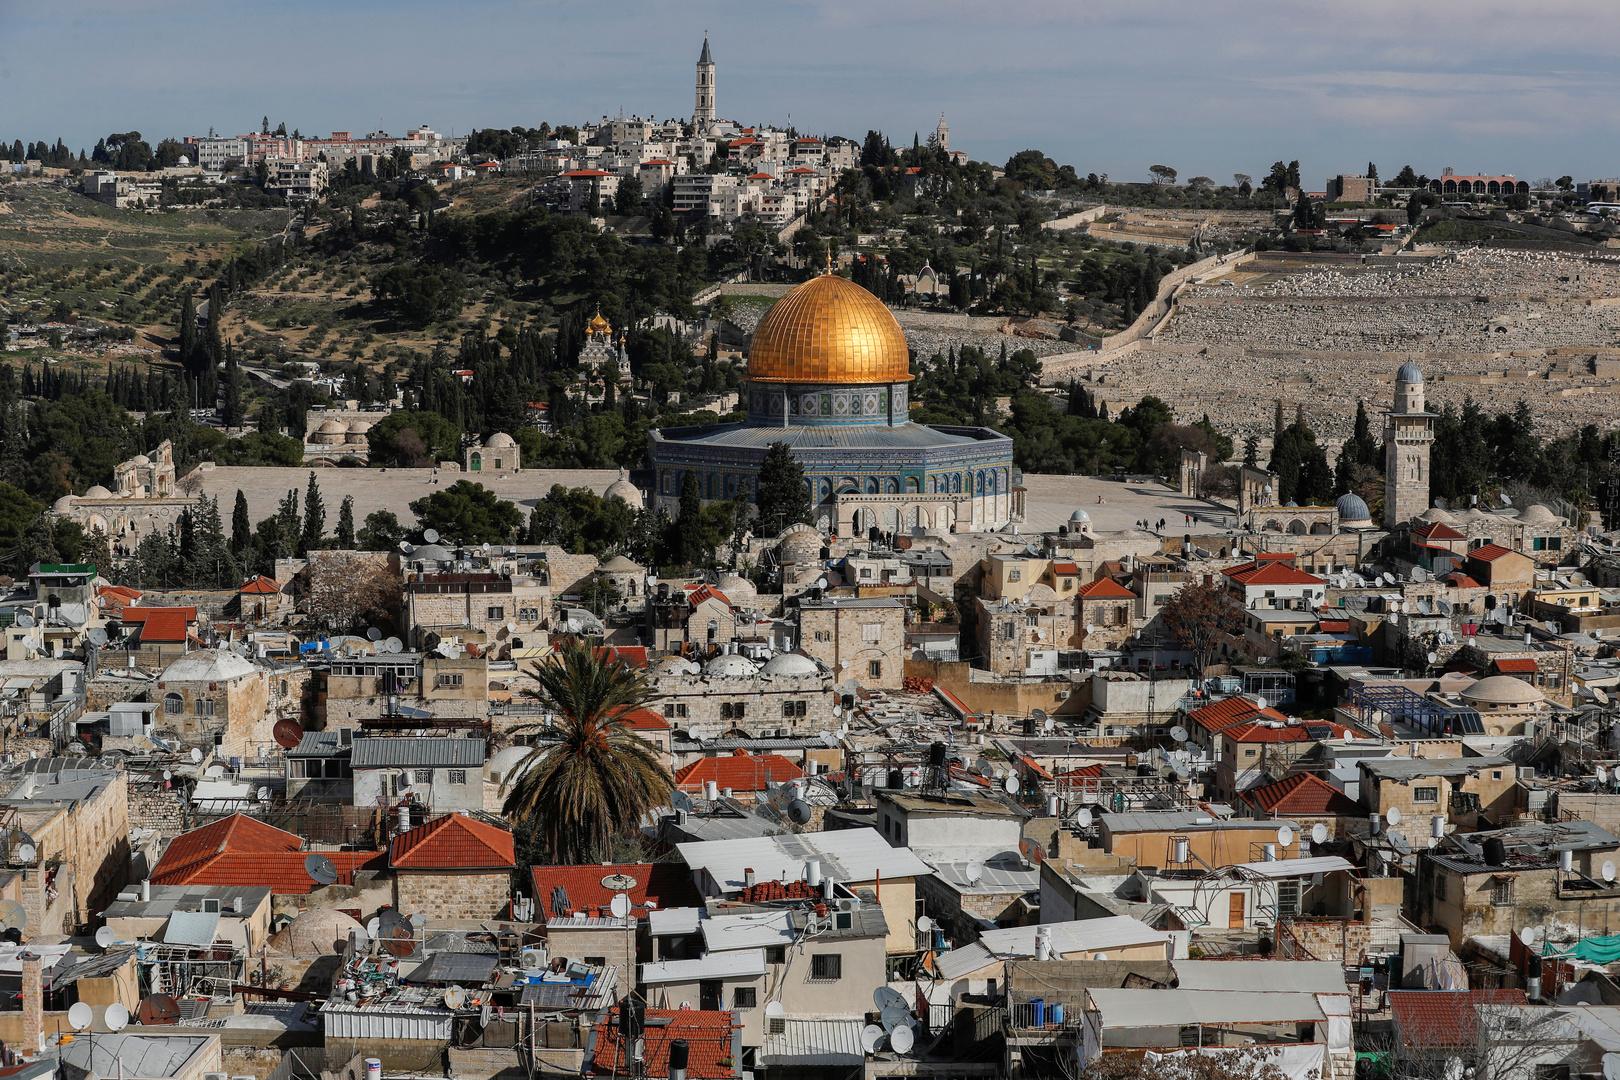 واشنطن: صفة القدس جزء من قضية الوضع النهائي